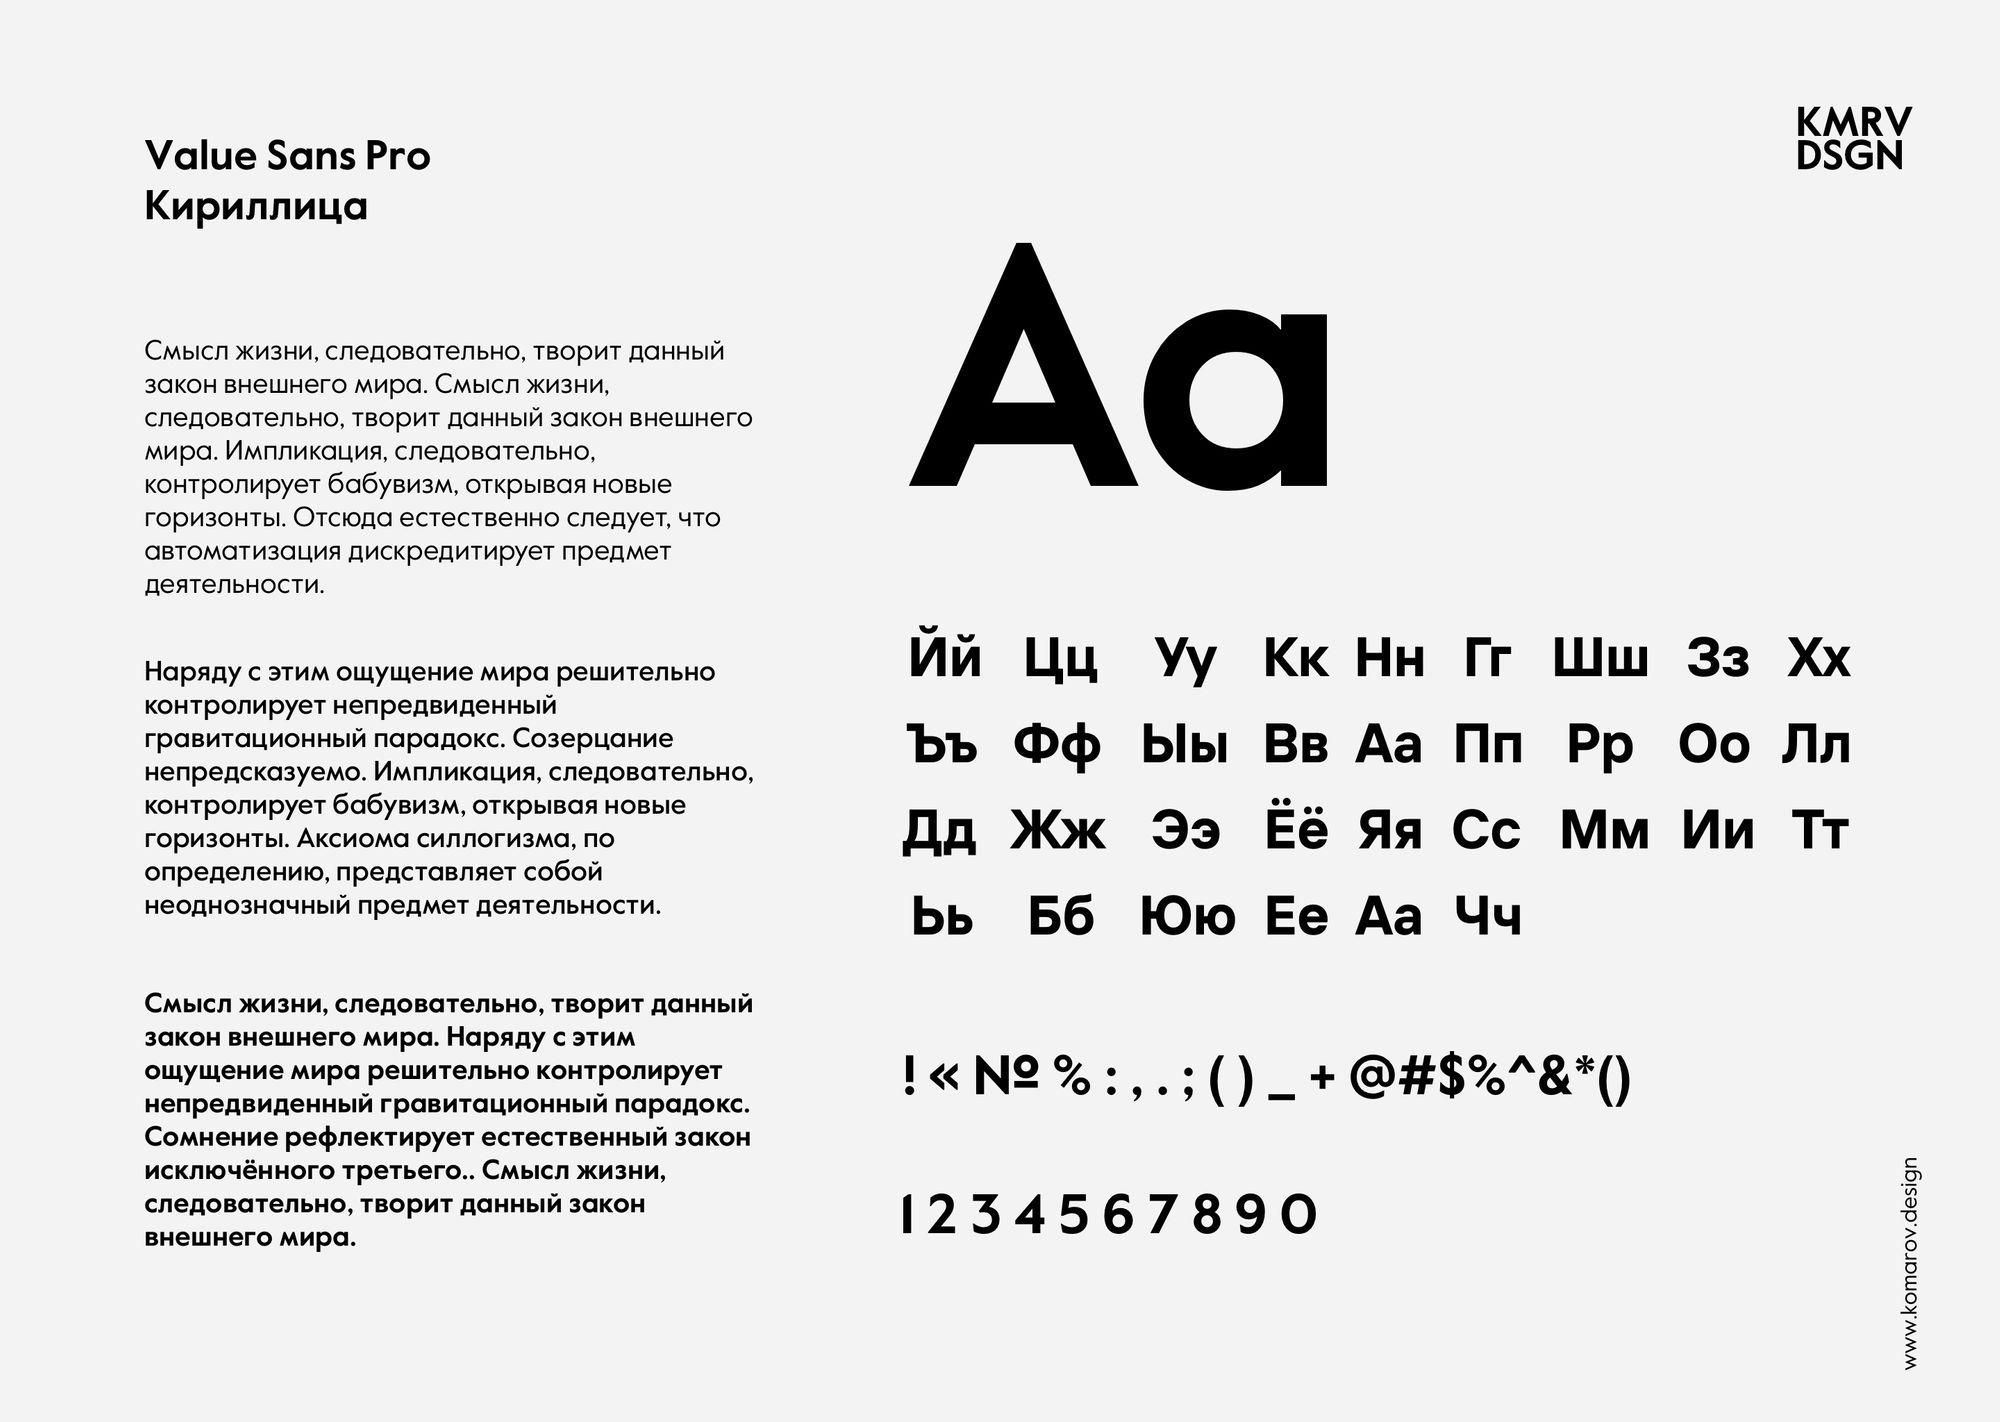 Скачать бесплатно шрифт Value Sans Pro Cyrillic